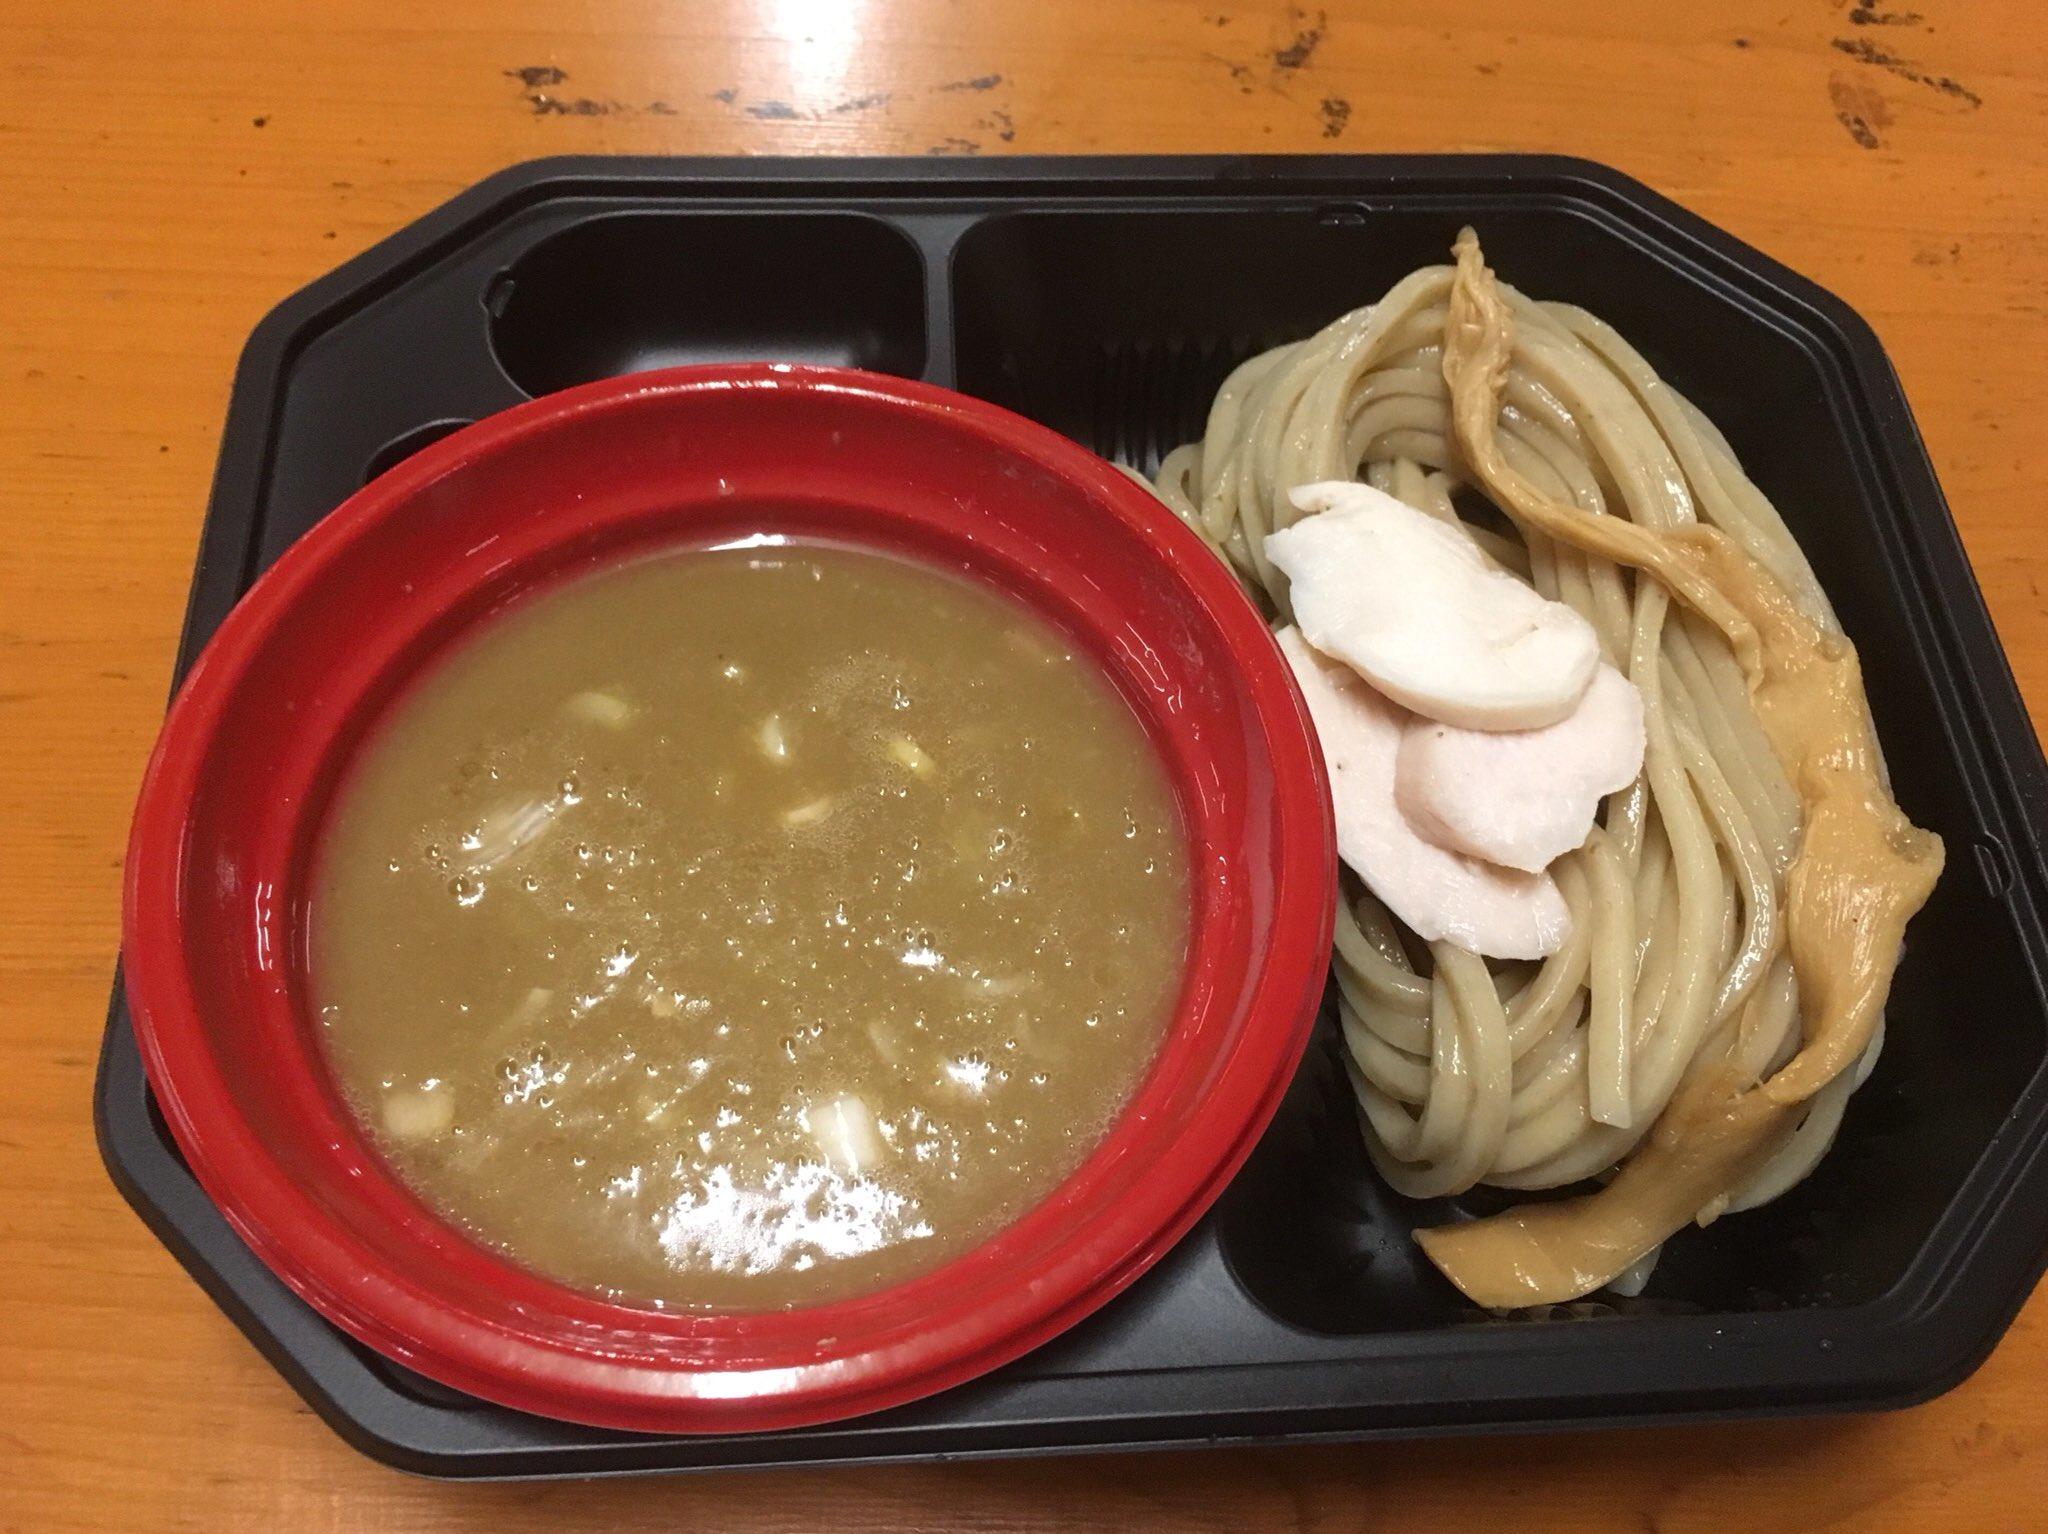 鶏蕎麦,龍介,茨城,ラーメン店,美味しいそば,,うまい,ランキング,麺類